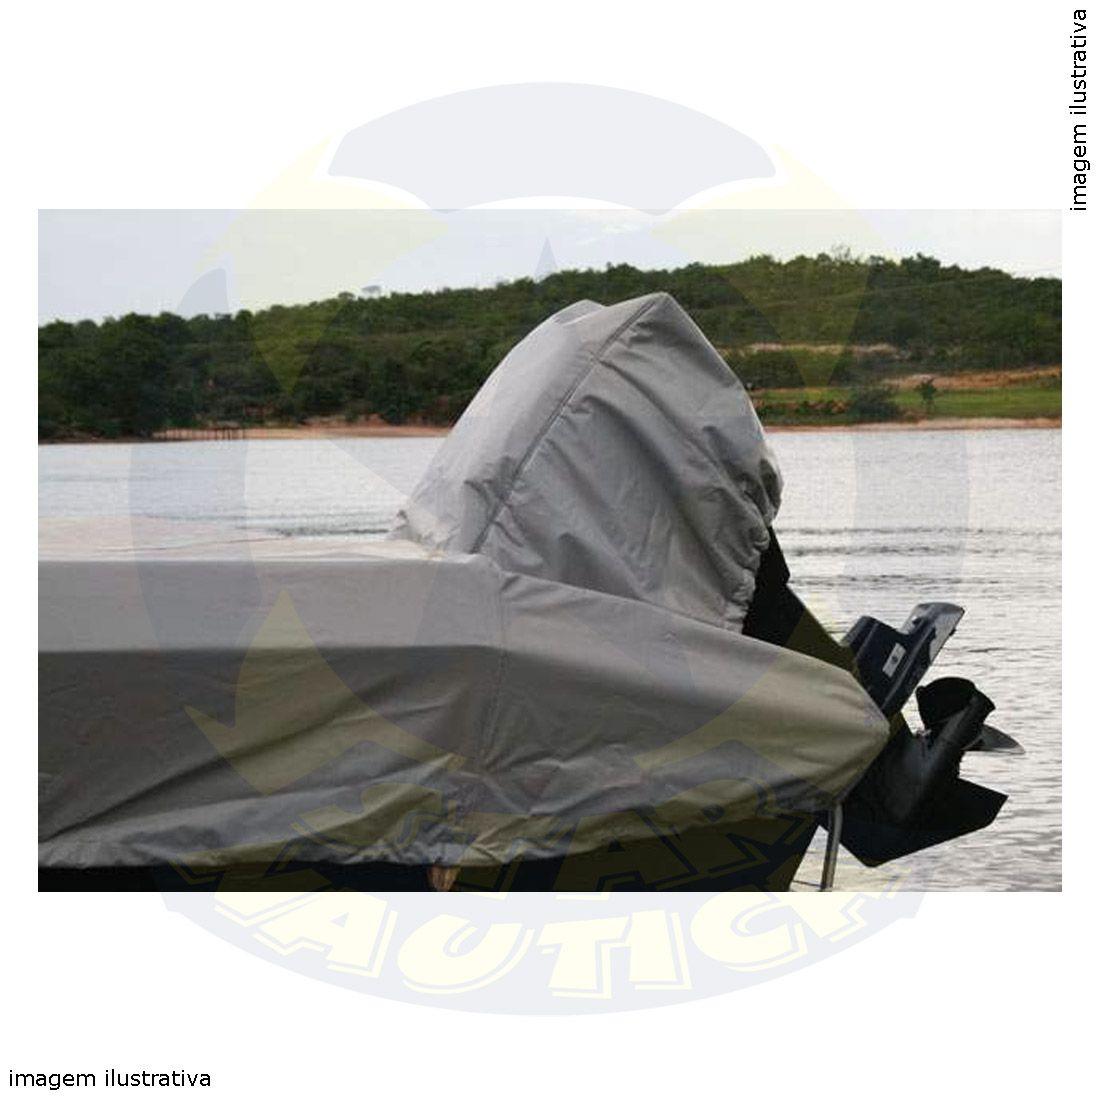 Capa Lona de Cobertura Lancha Big Fish 5014 Sport Lona Vinílica